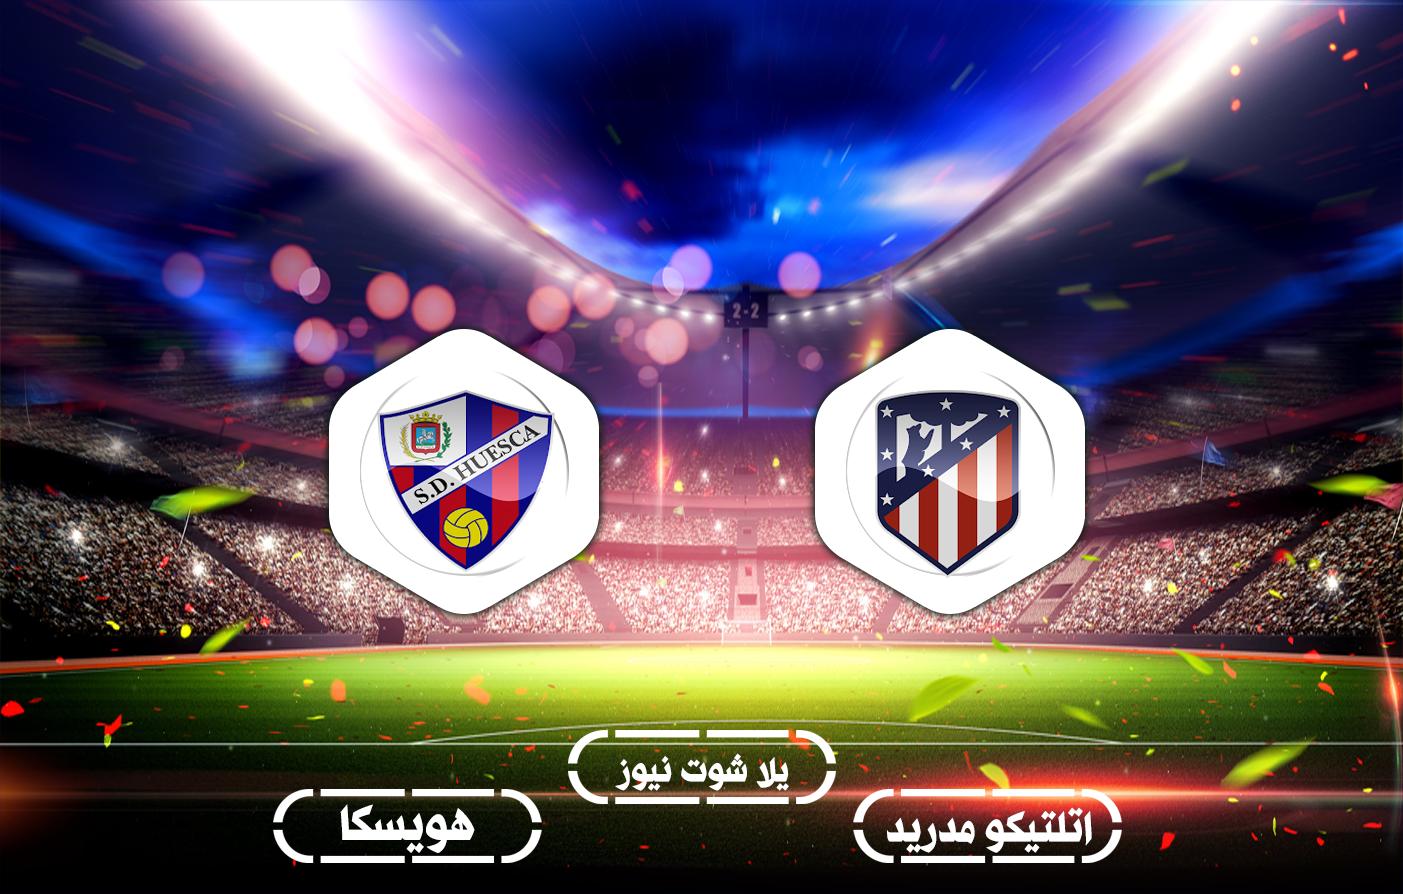 مشاهدة مباراة اتلتيكو مدريد وهويسكا بث مباشر  30-09-2020 الدوري الاسباني